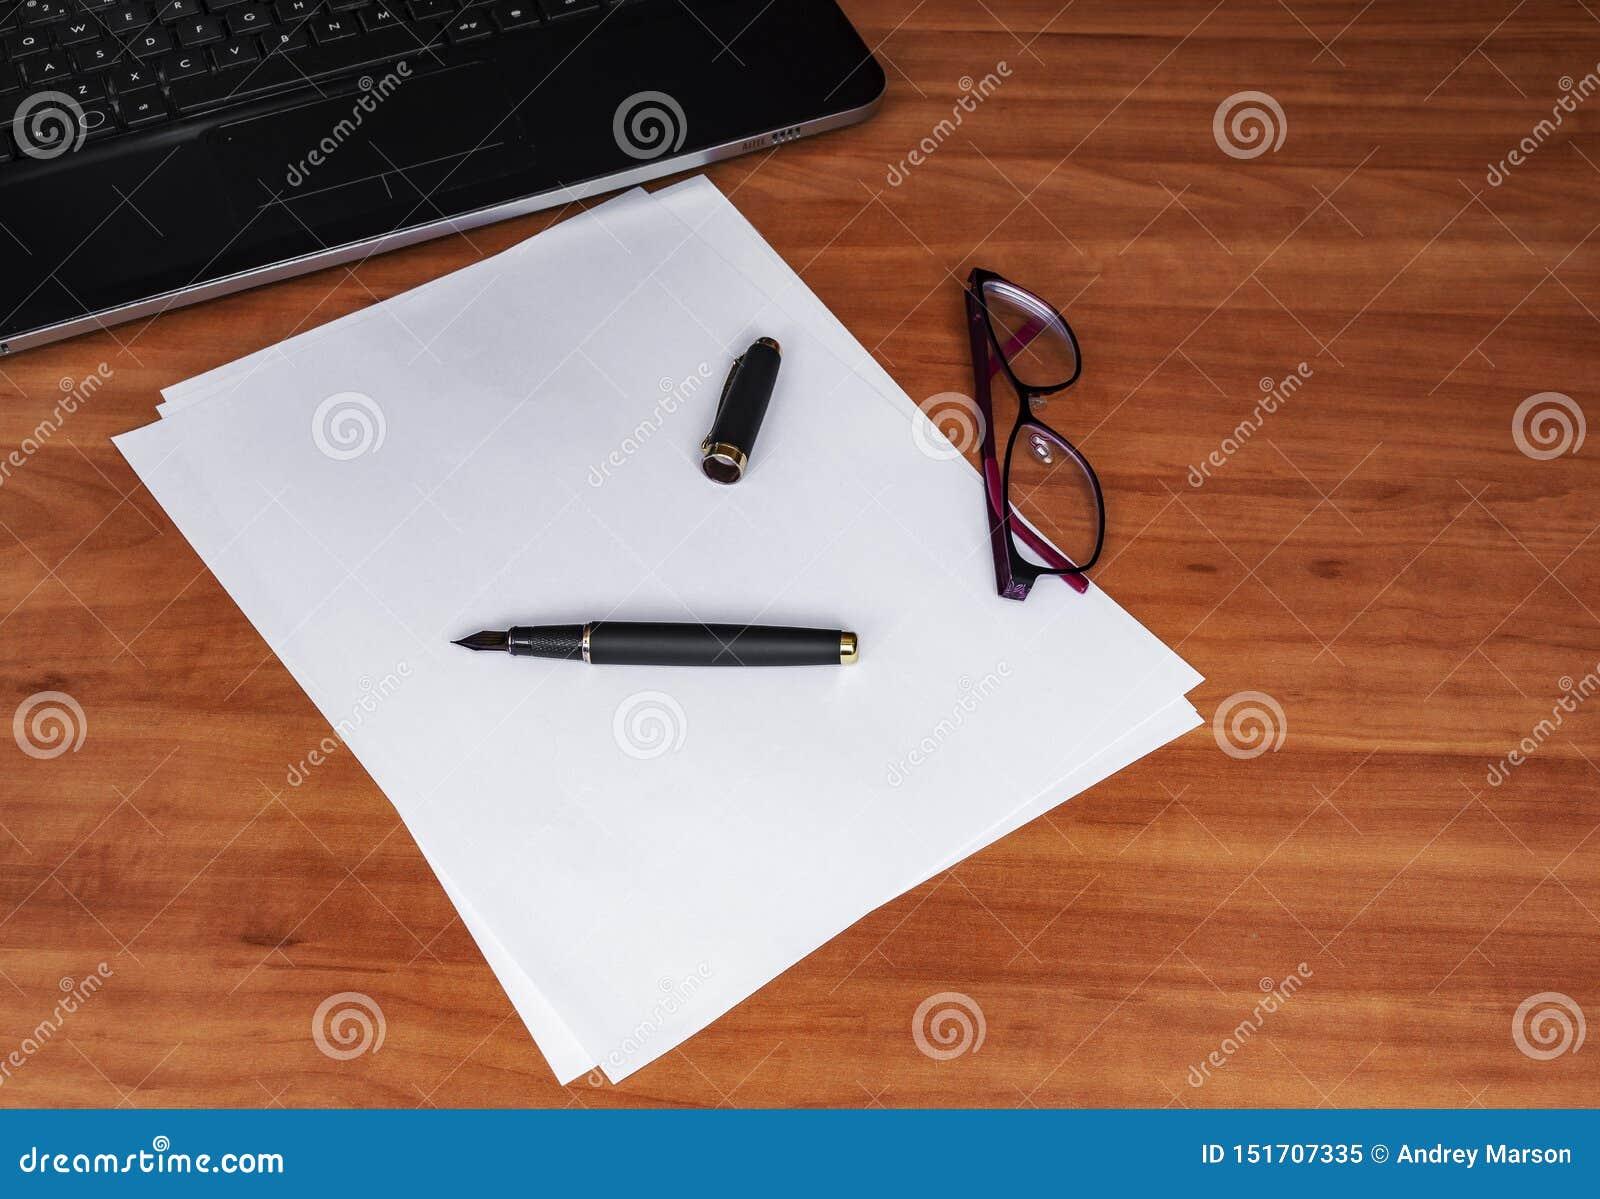 Clavier d ordinateur portable, livre blanc, stylo d encre et verres sur une table en bois L espace vide pour votre texte de copie